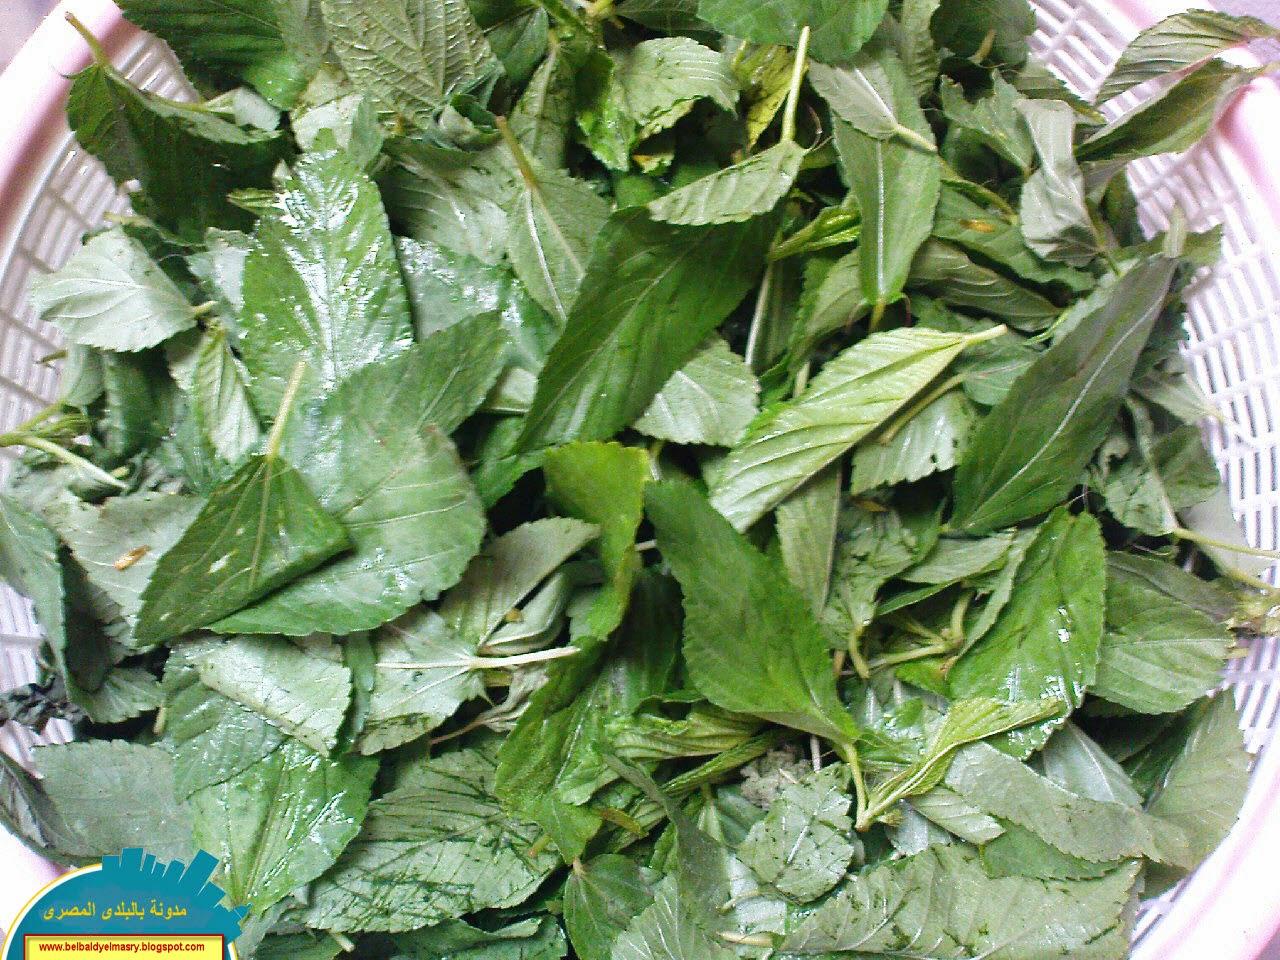 تعرف على فوائد نبات الملوخيه الهائله واهميته الصحيه والعلاجيه